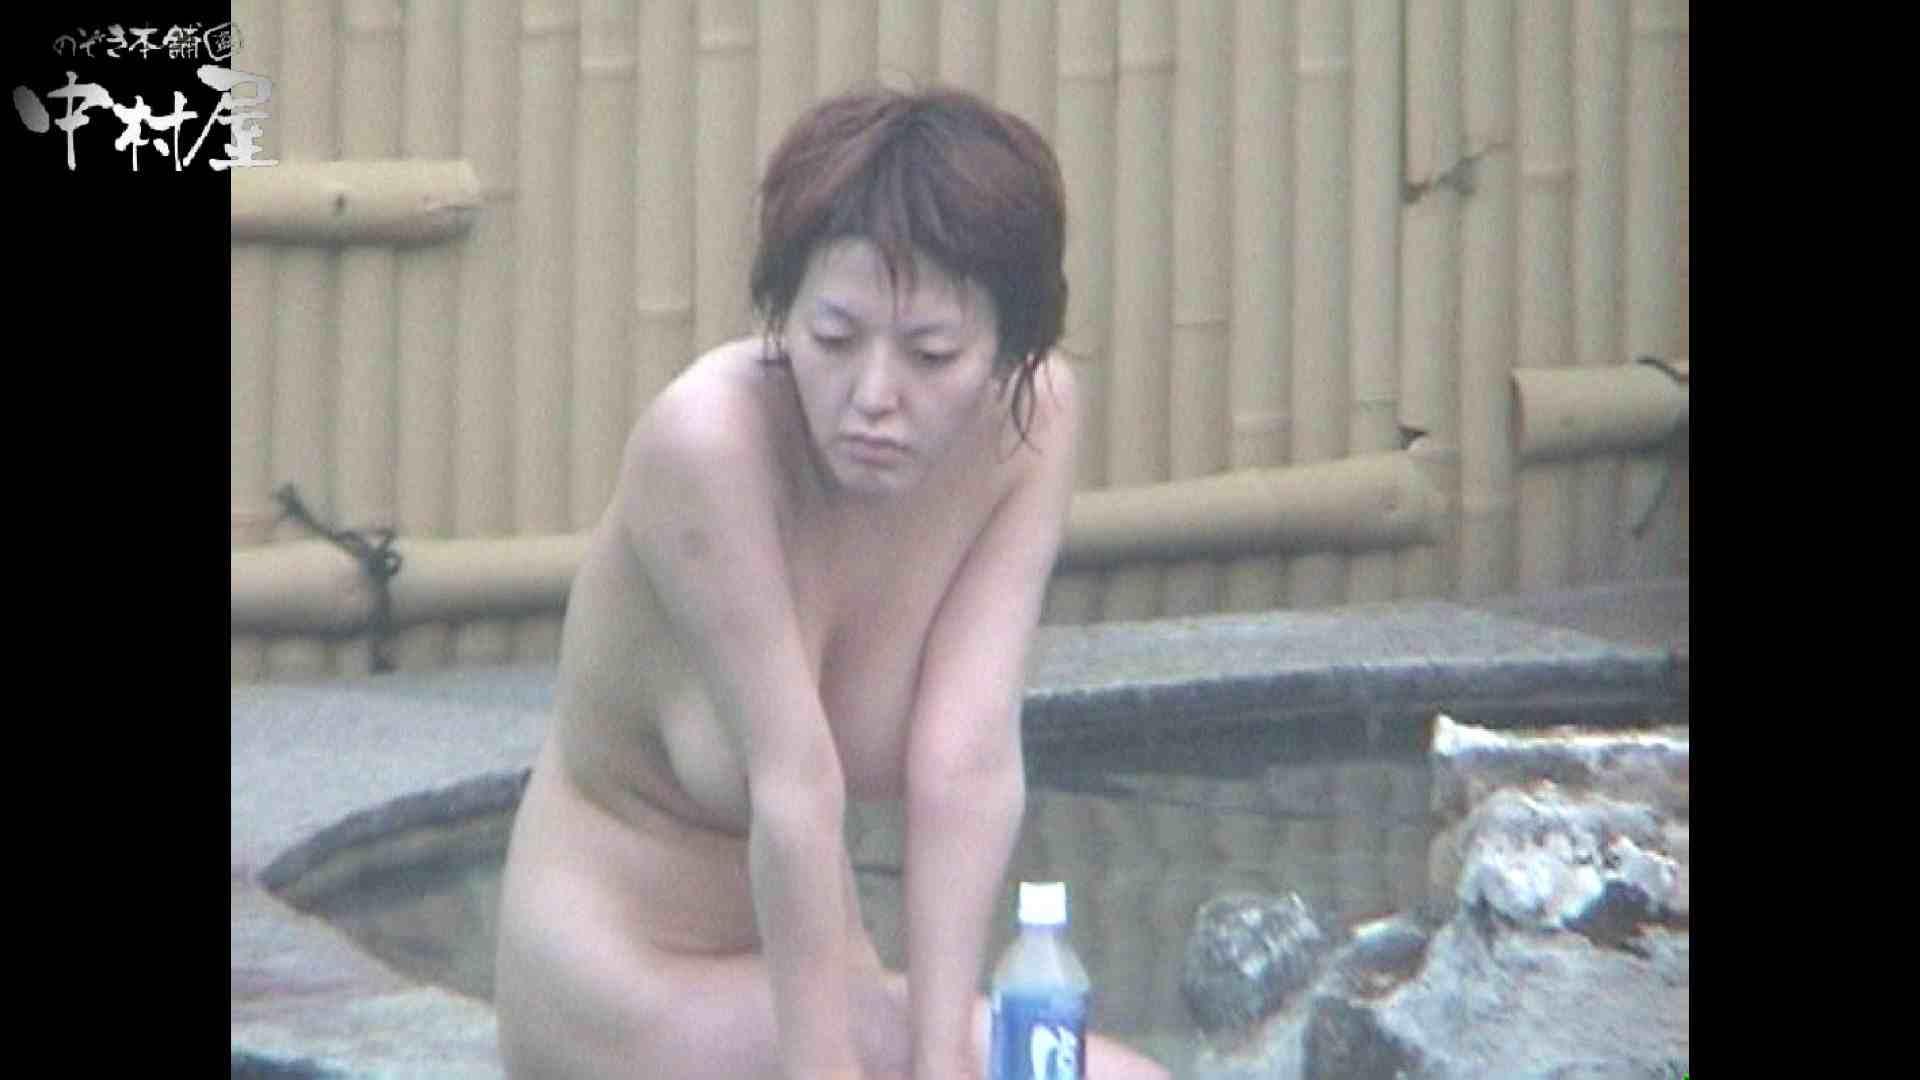 Aquaな露天風呂Vol.959 盗撮 | 綺麗なOLたち  53枚 43